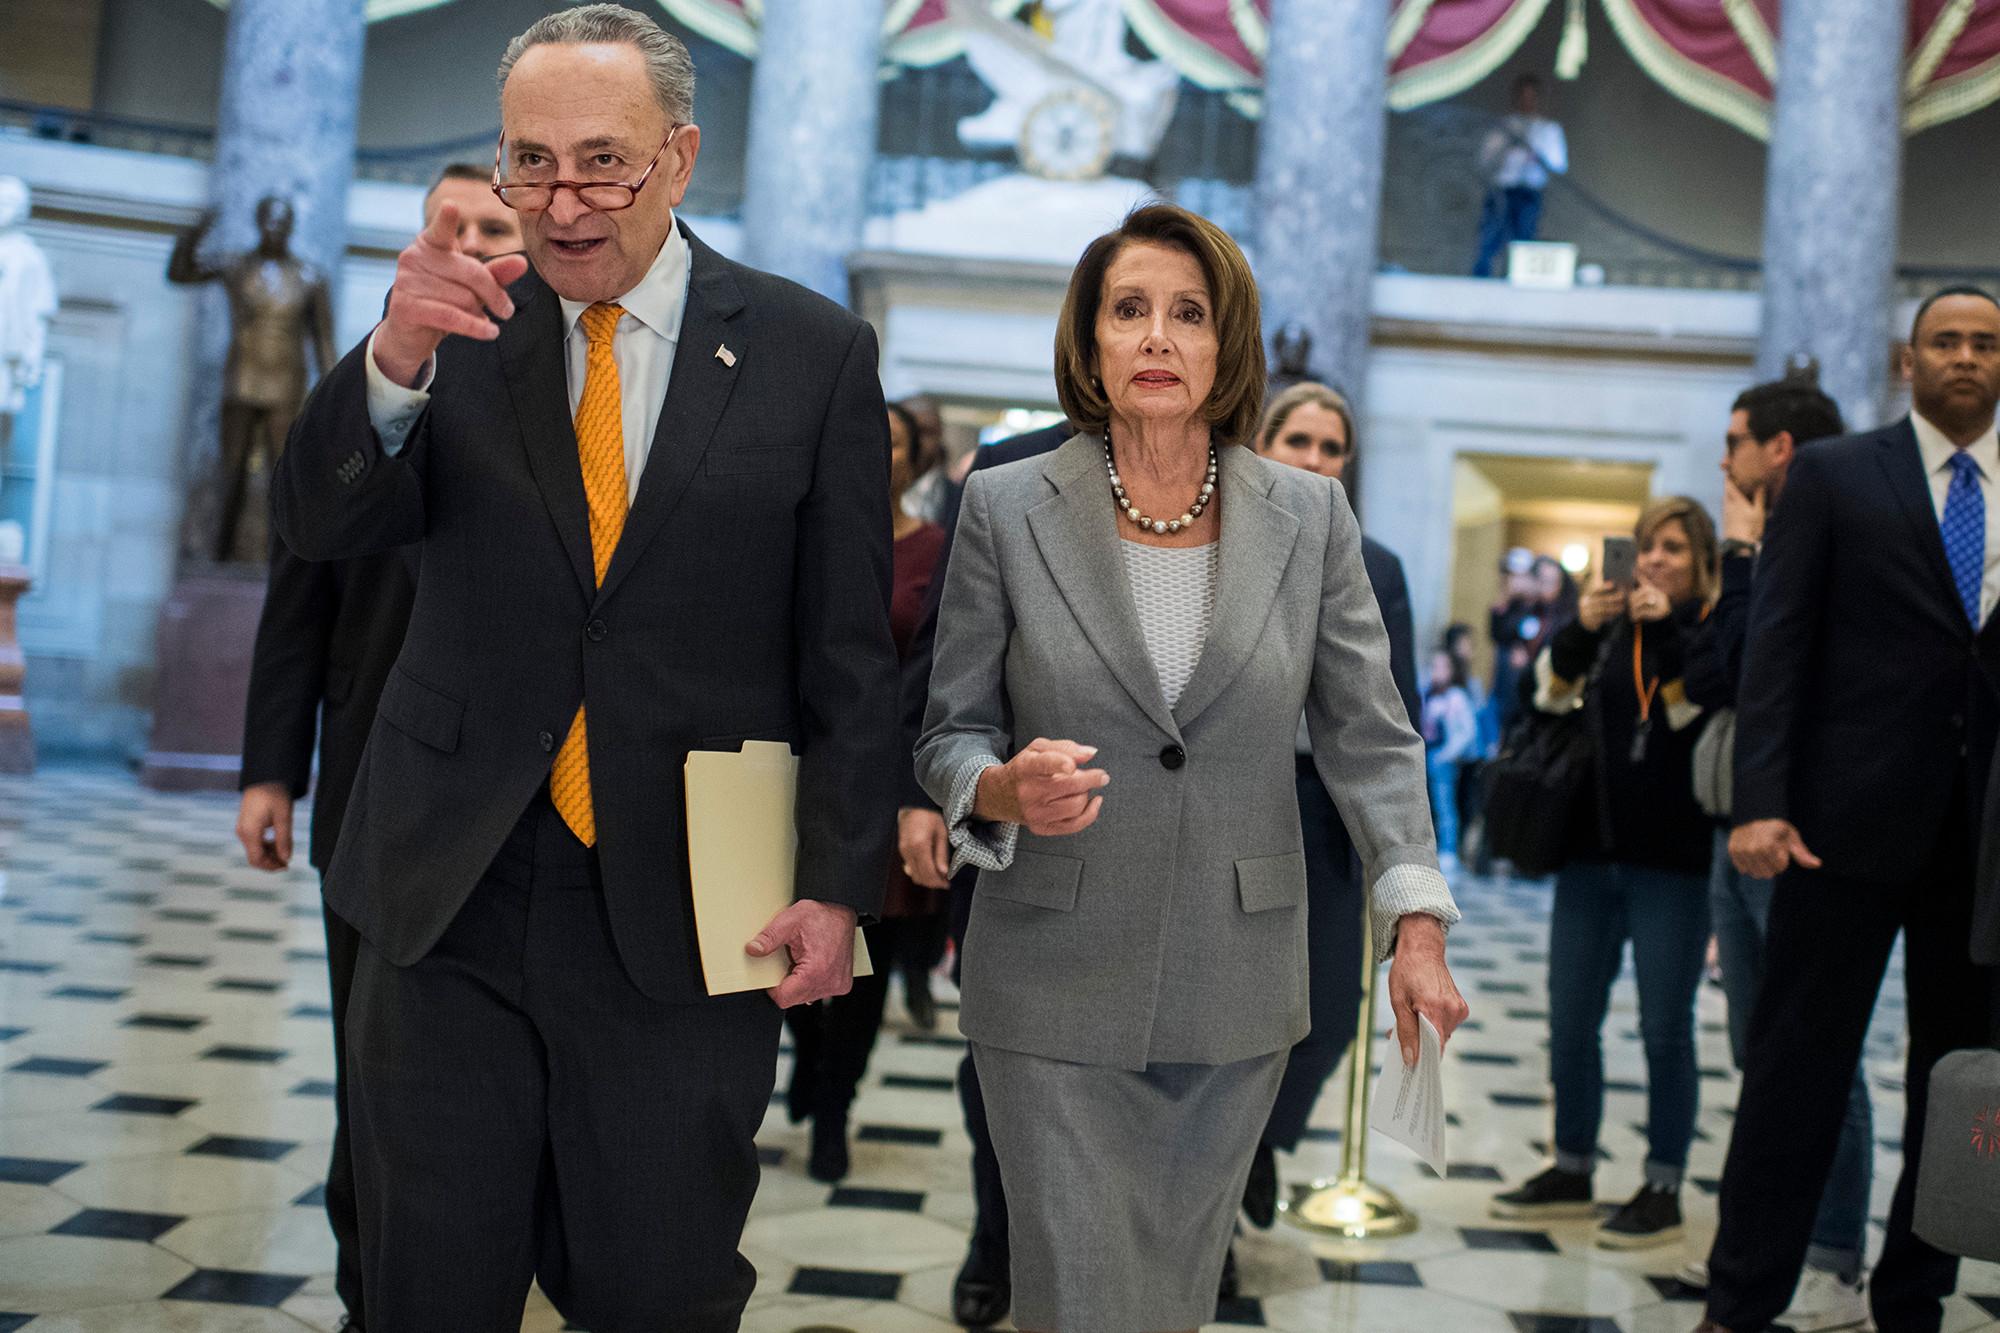 Will Congress reach a deal over U.S budget?